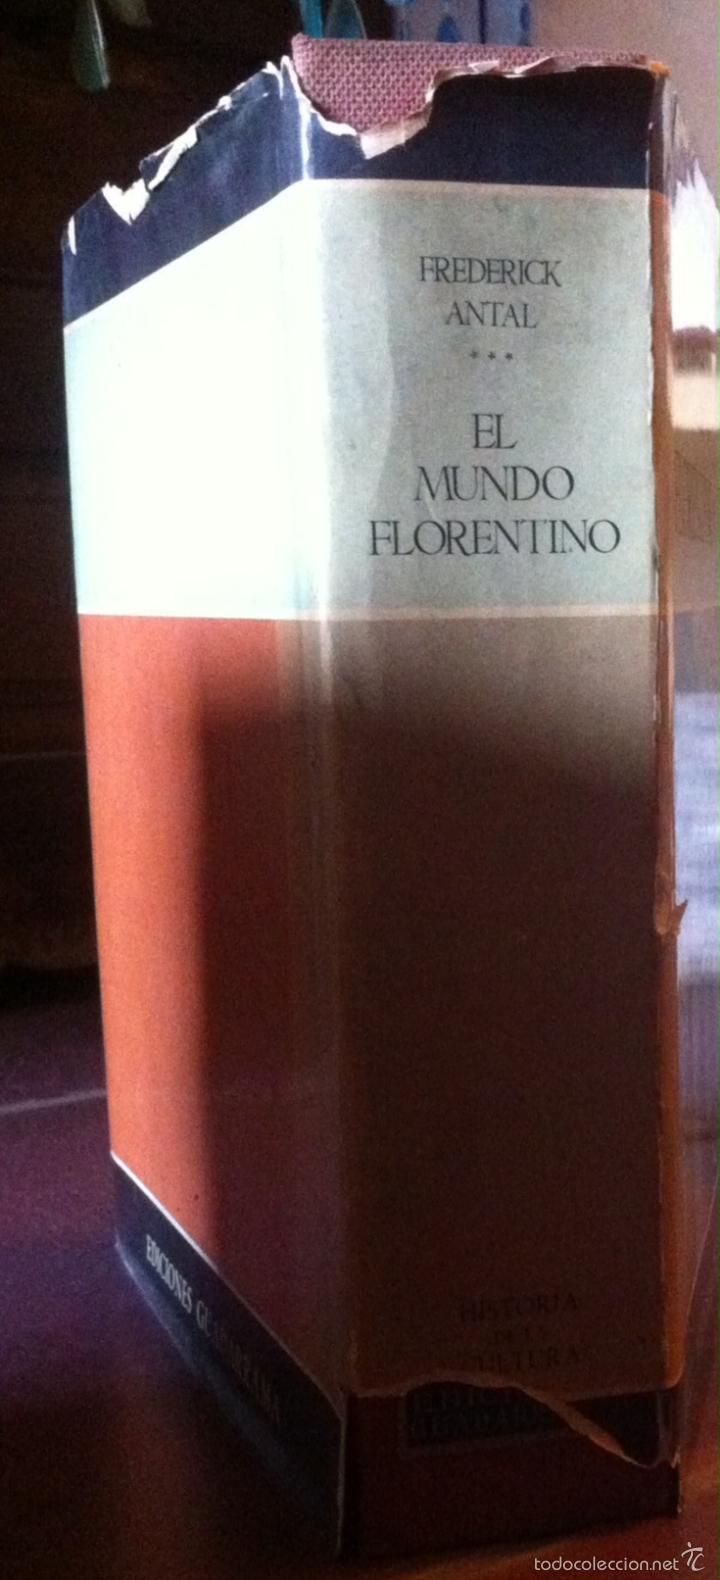 Libros de segunda mano: Frederick Antal. El mundo florentino y su ambiente social. 1963 - Foto 2 - 55368131